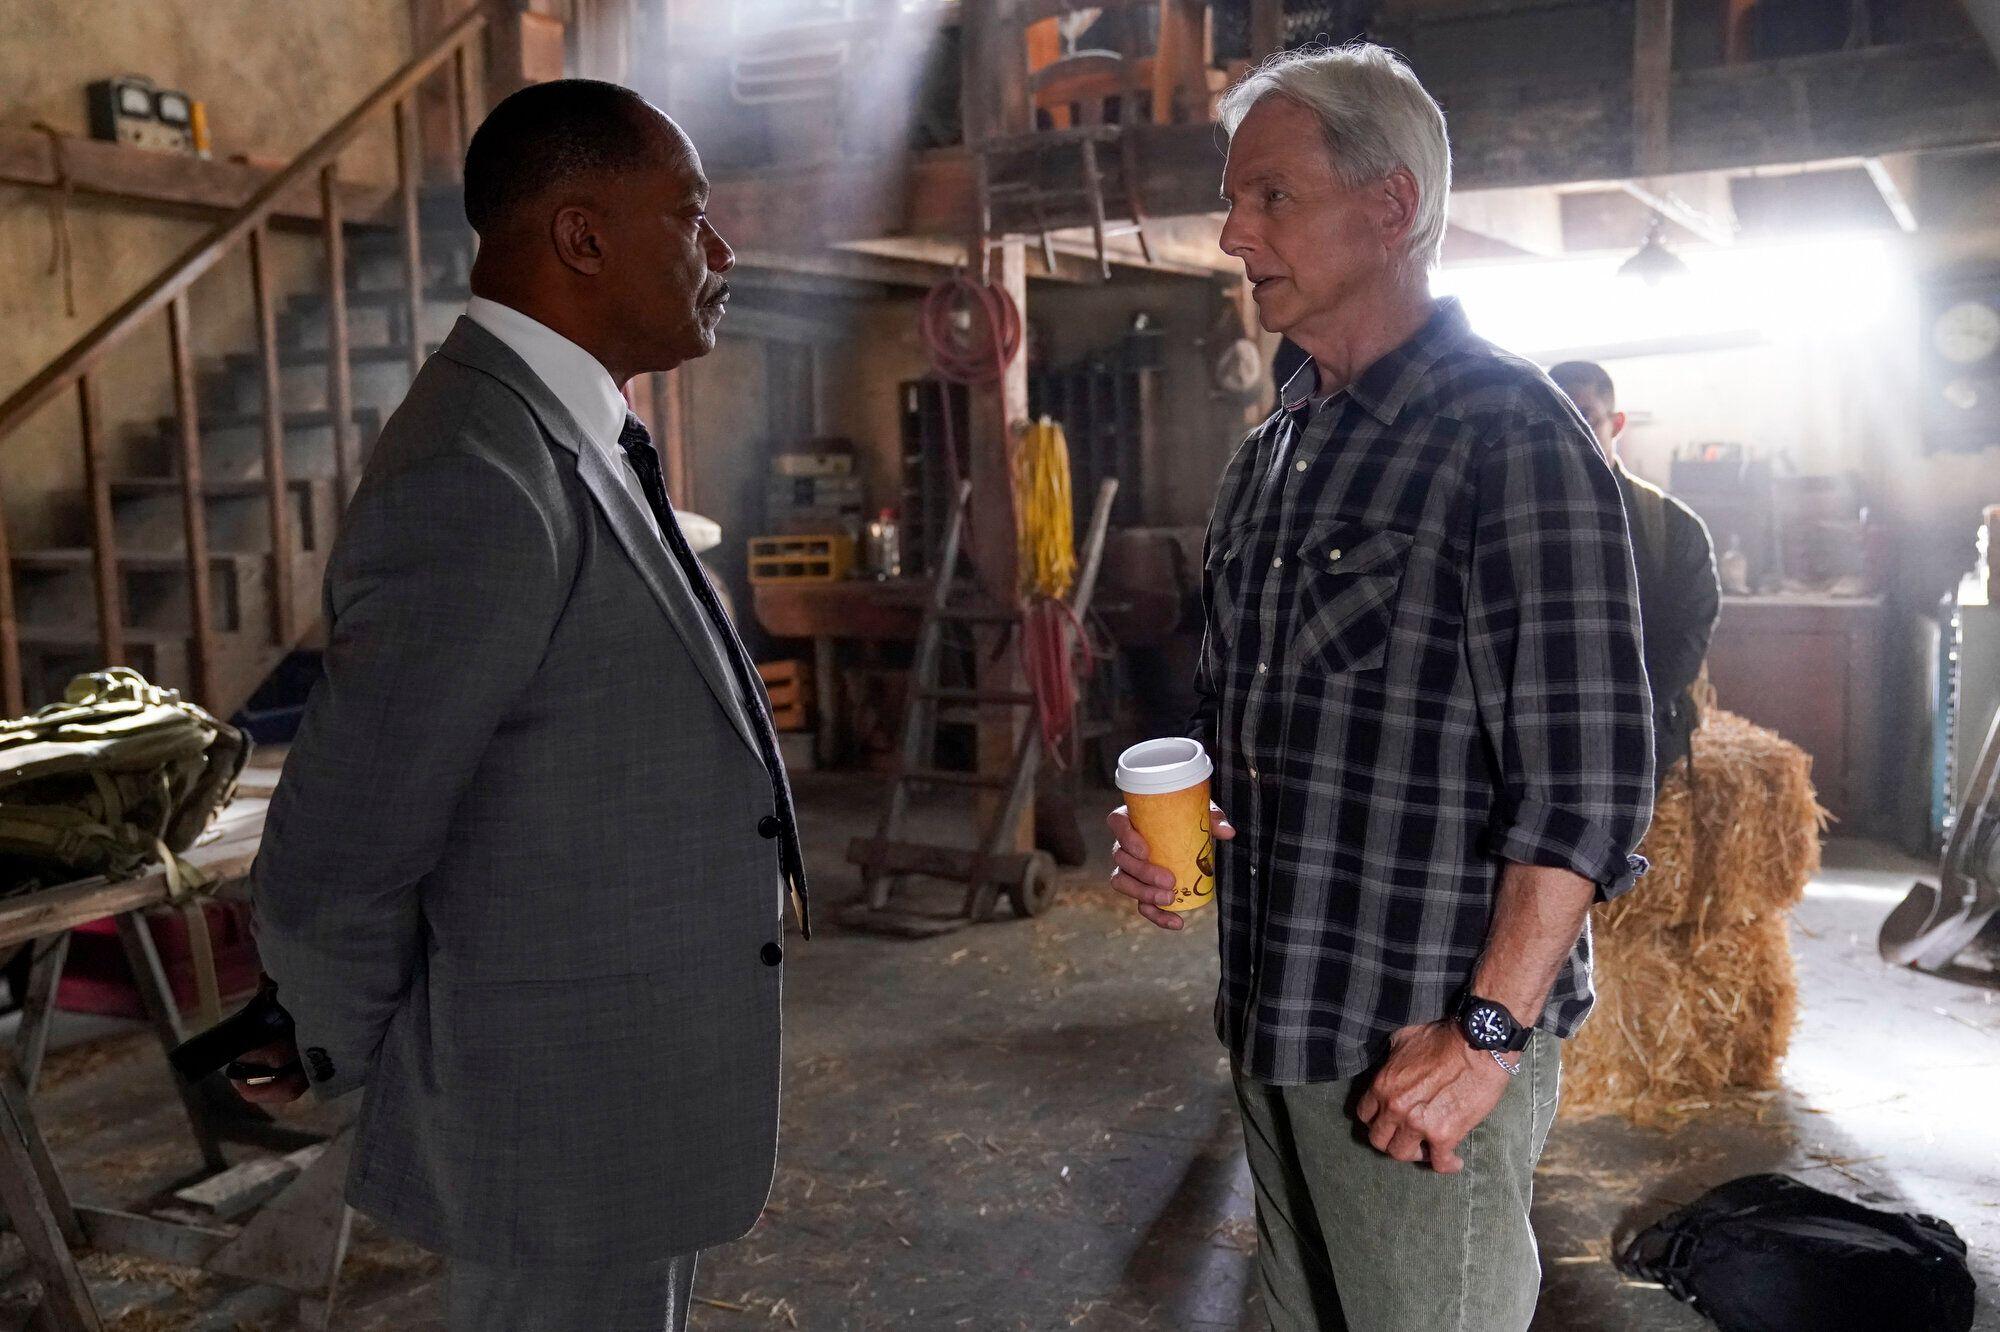 Rocky Carroll et Mark Harmon (à droite) sur le tournage d'un épisode de